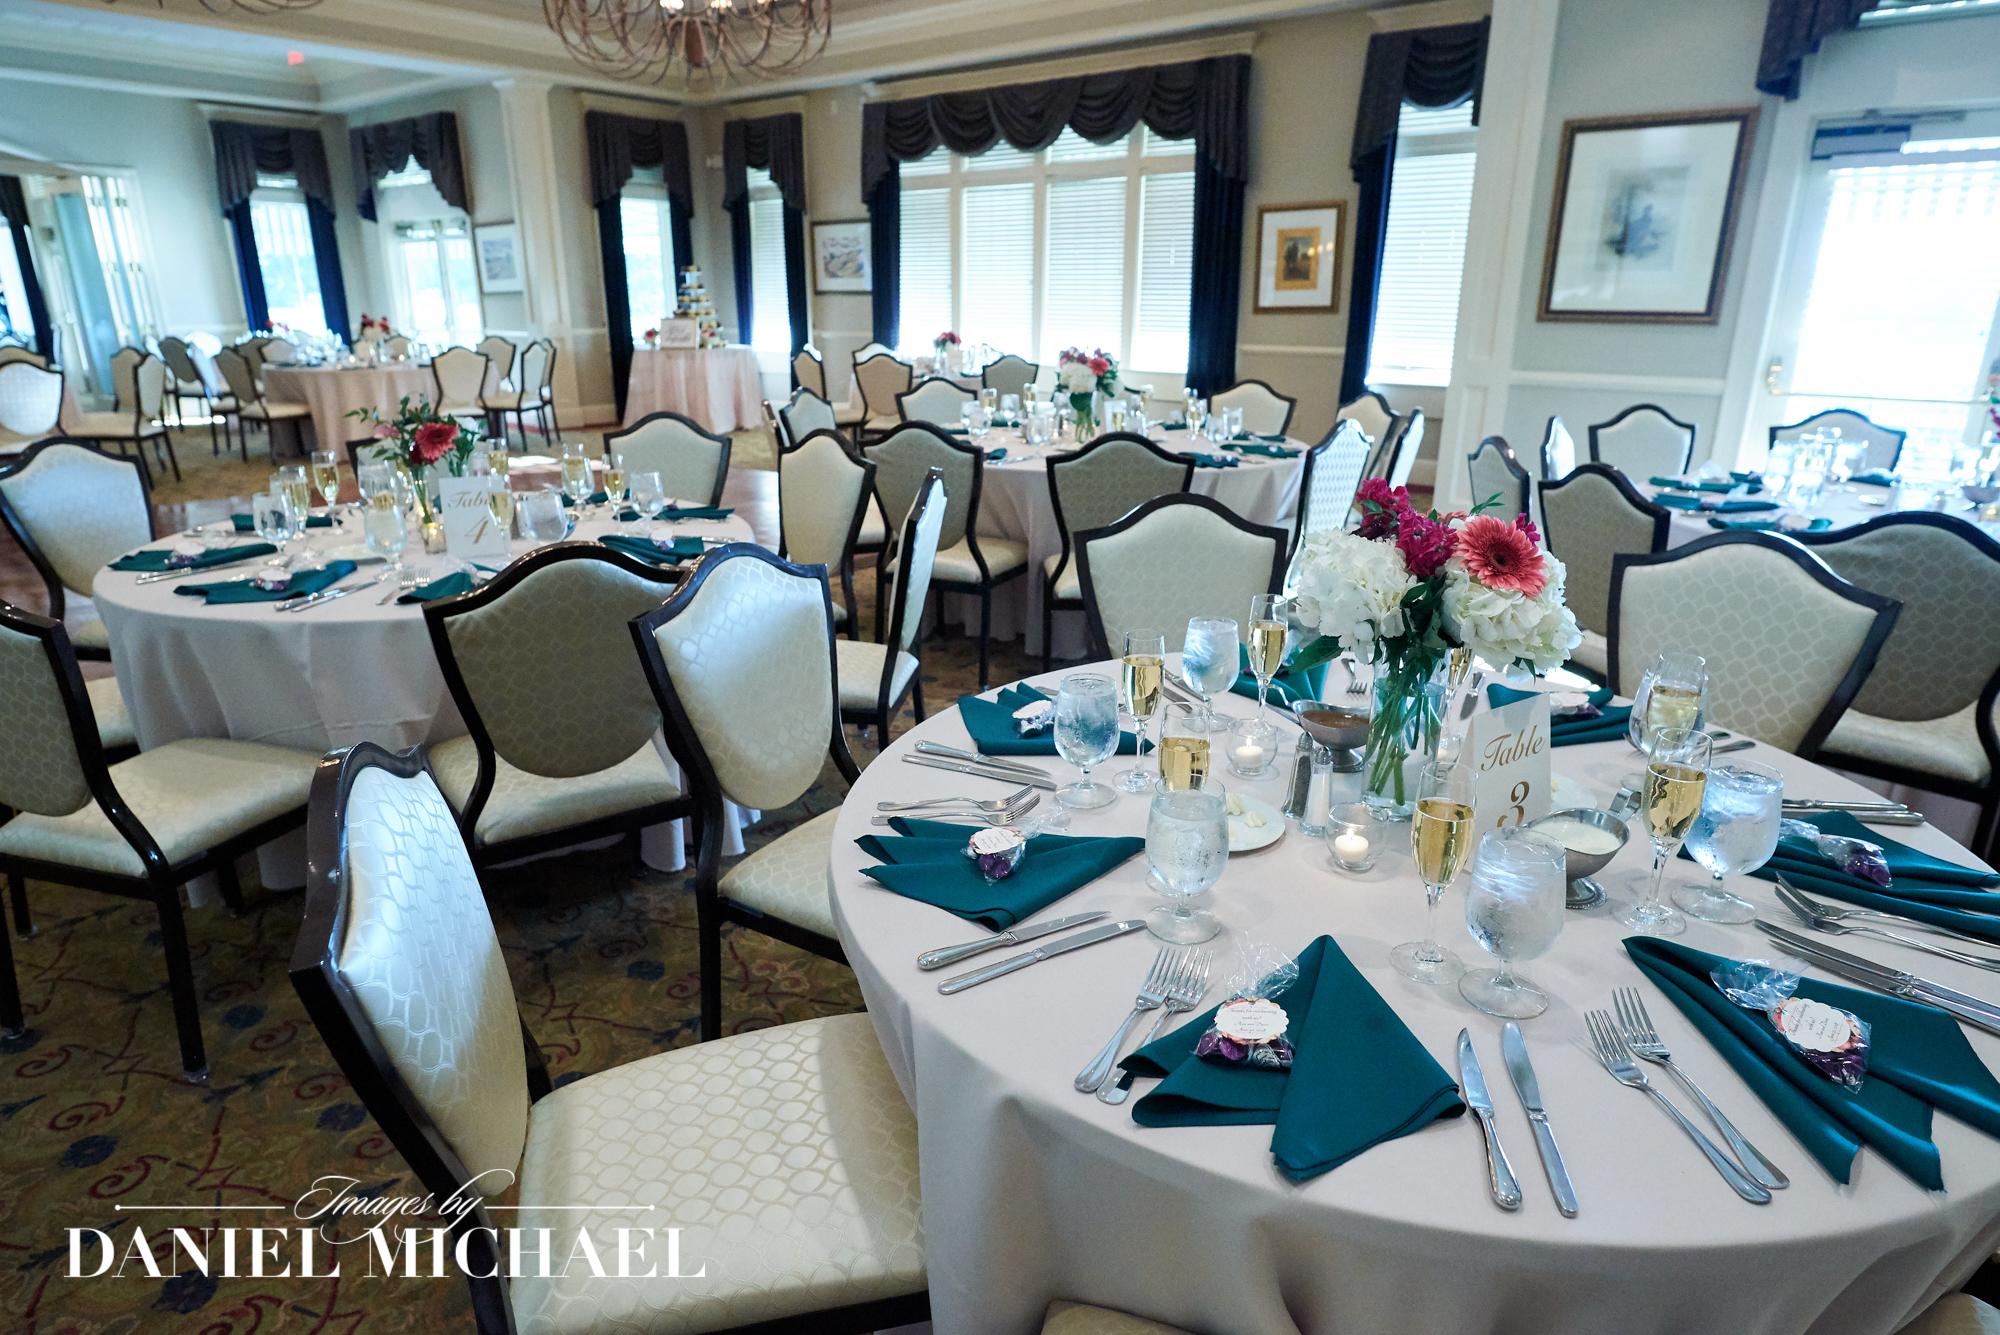 Four Bridges Wedding Reception Venue